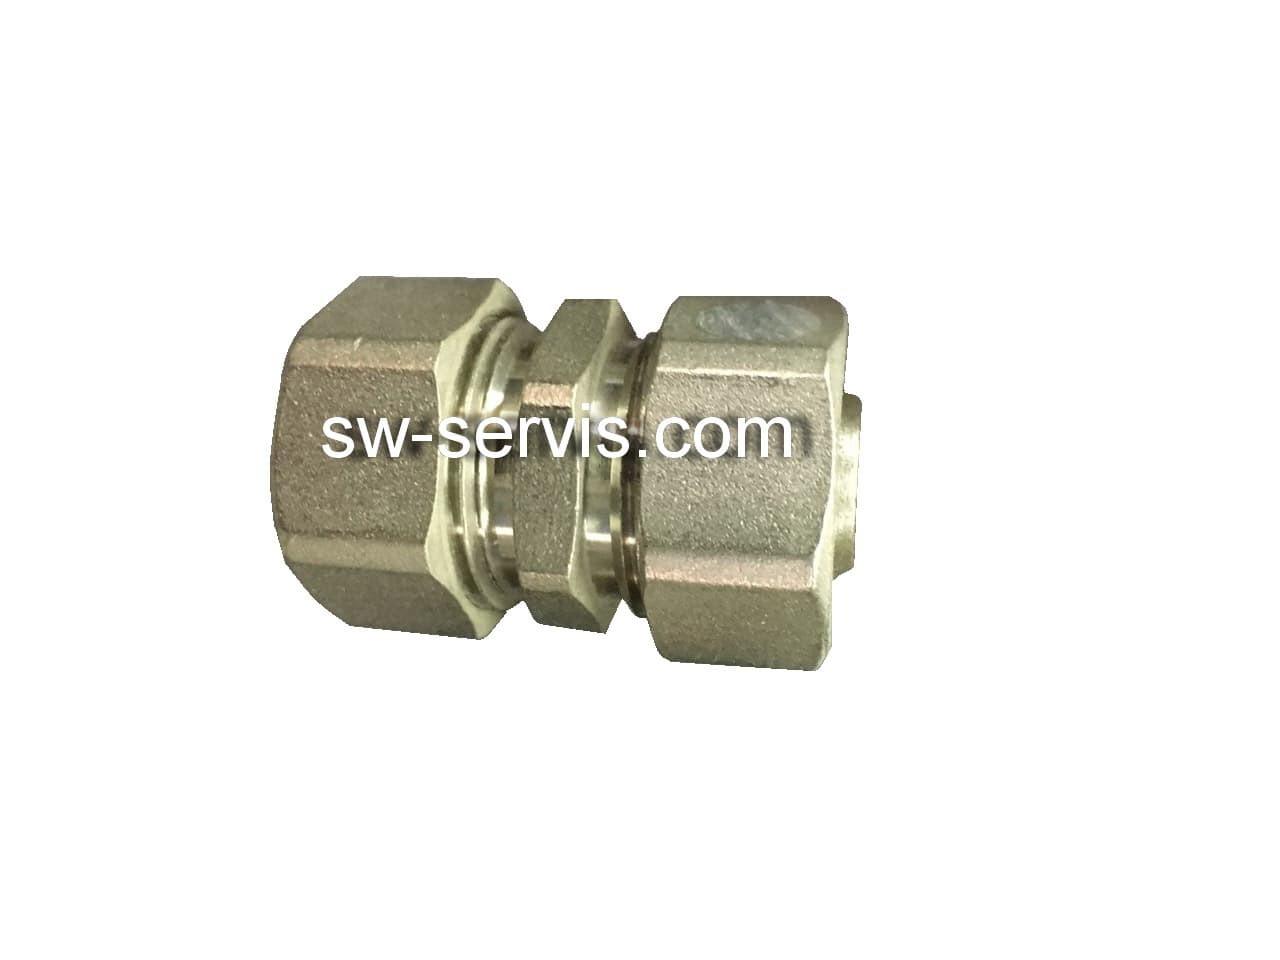 Муфта для металопластикової труби 20*20 посилена Forte